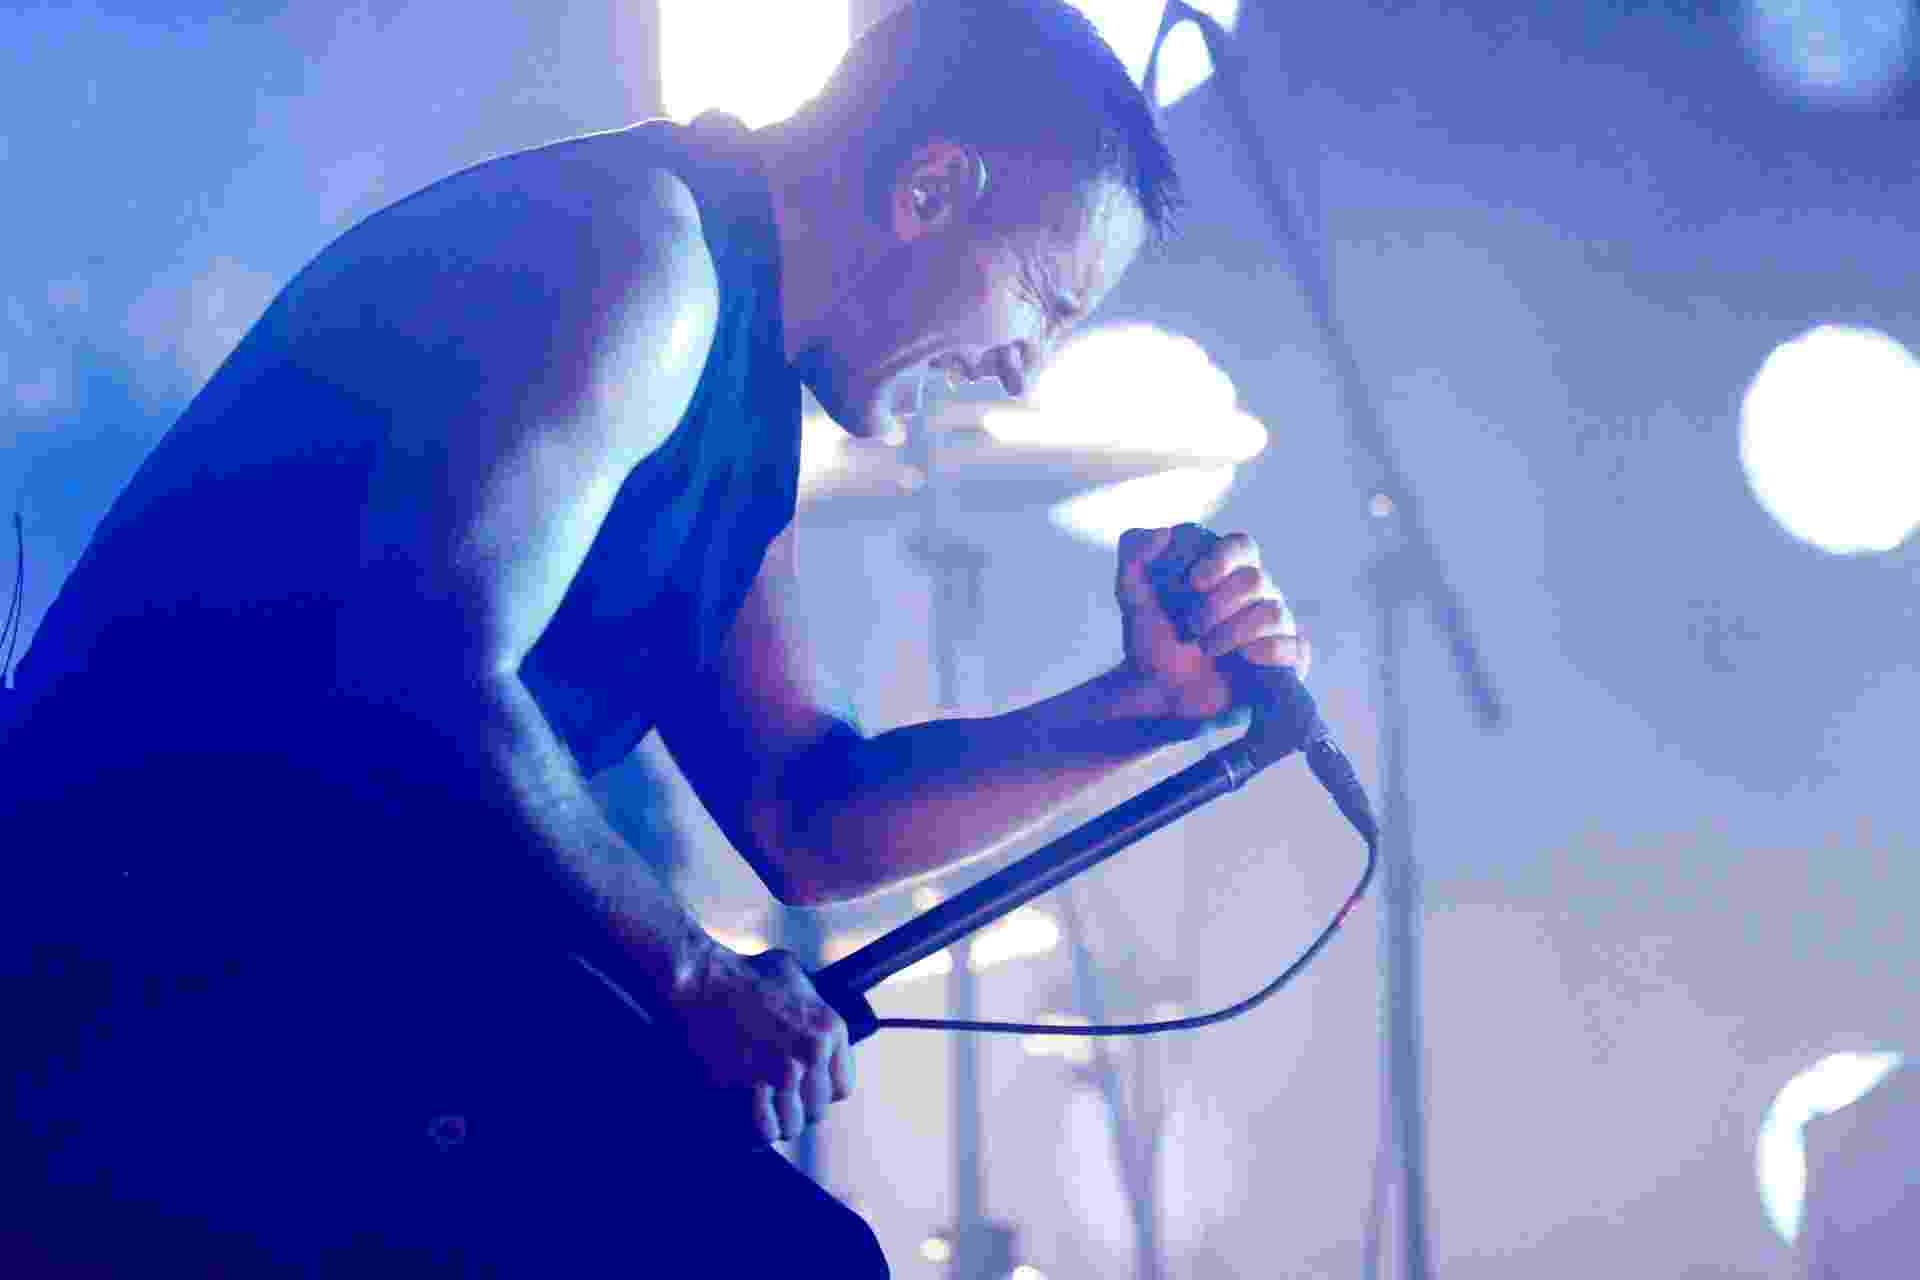 5.abr.2014 - Nine Inch Nails se apresenta no Lollapalooza 2014 no Autódromo de Interlagos, em São Paulo - Reinaldo Canato/UOL